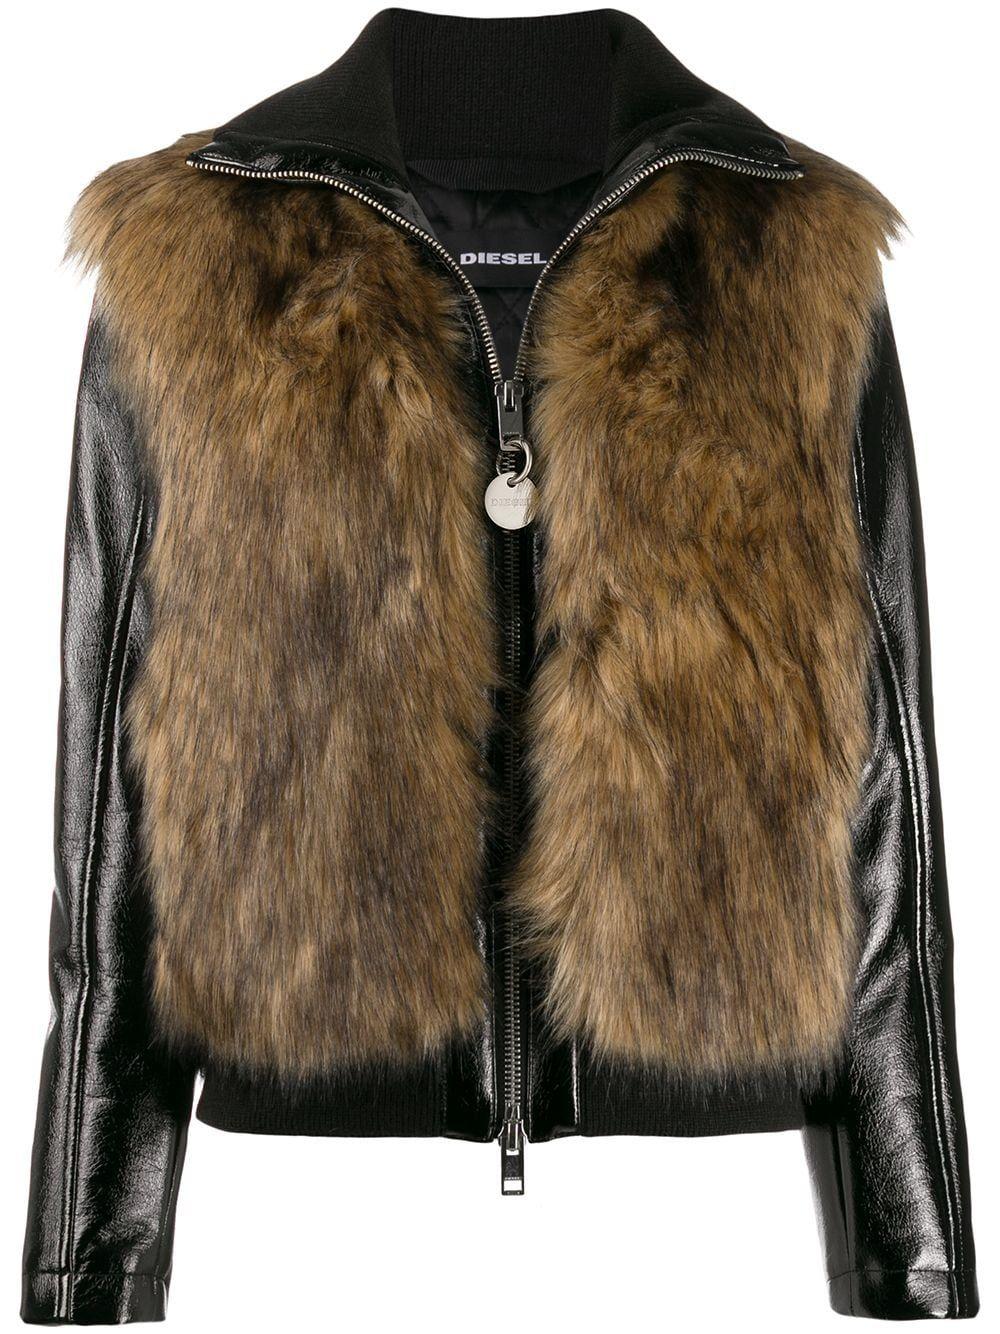 Diesel Faux Fur Detail Jacket Farfetch Diesel Clothing Jackets Diesel Fashion [ 1334 x 1000 Pixel ]